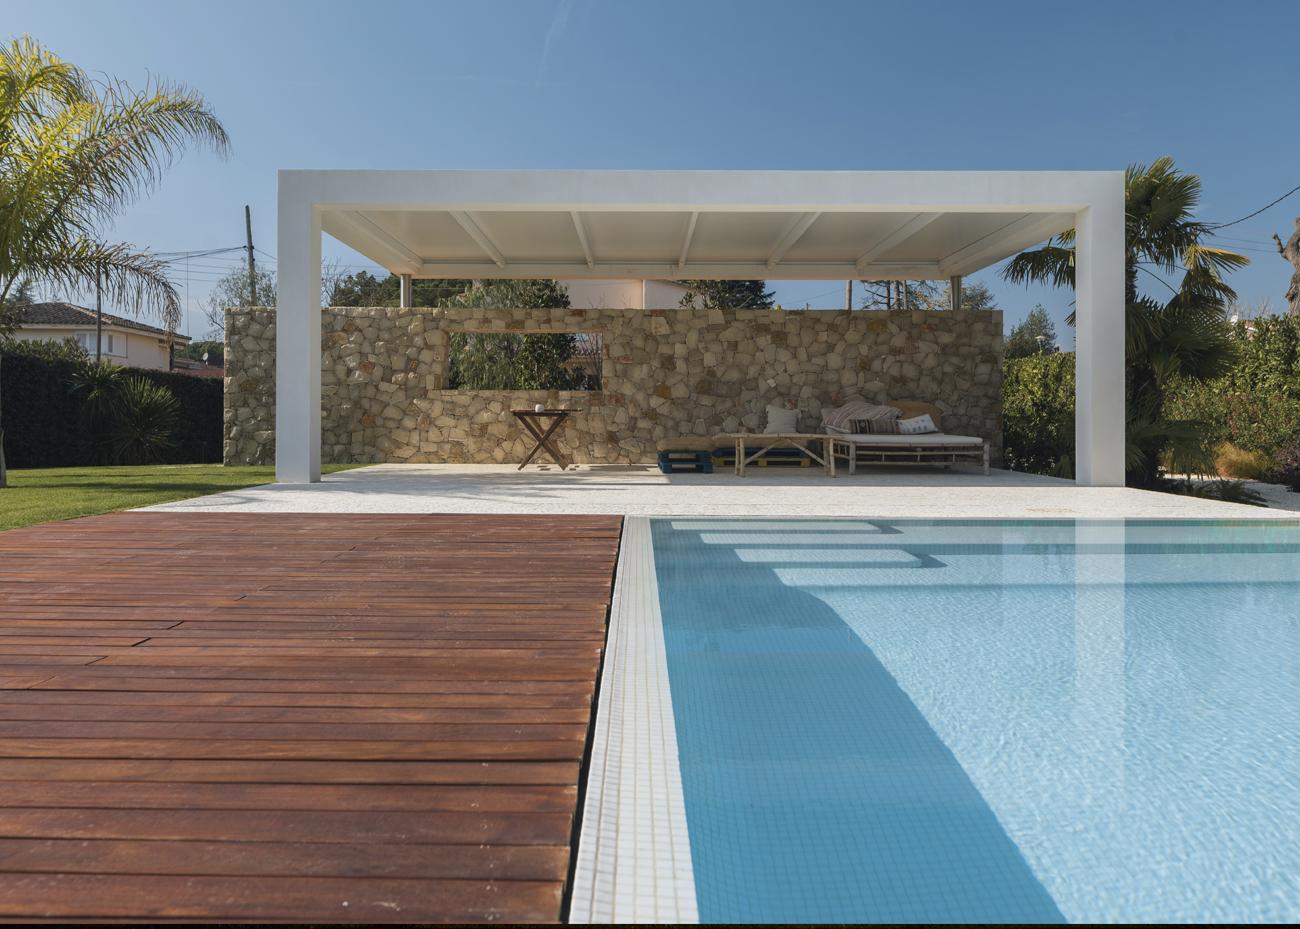 casa-reflectida-piscina-portada